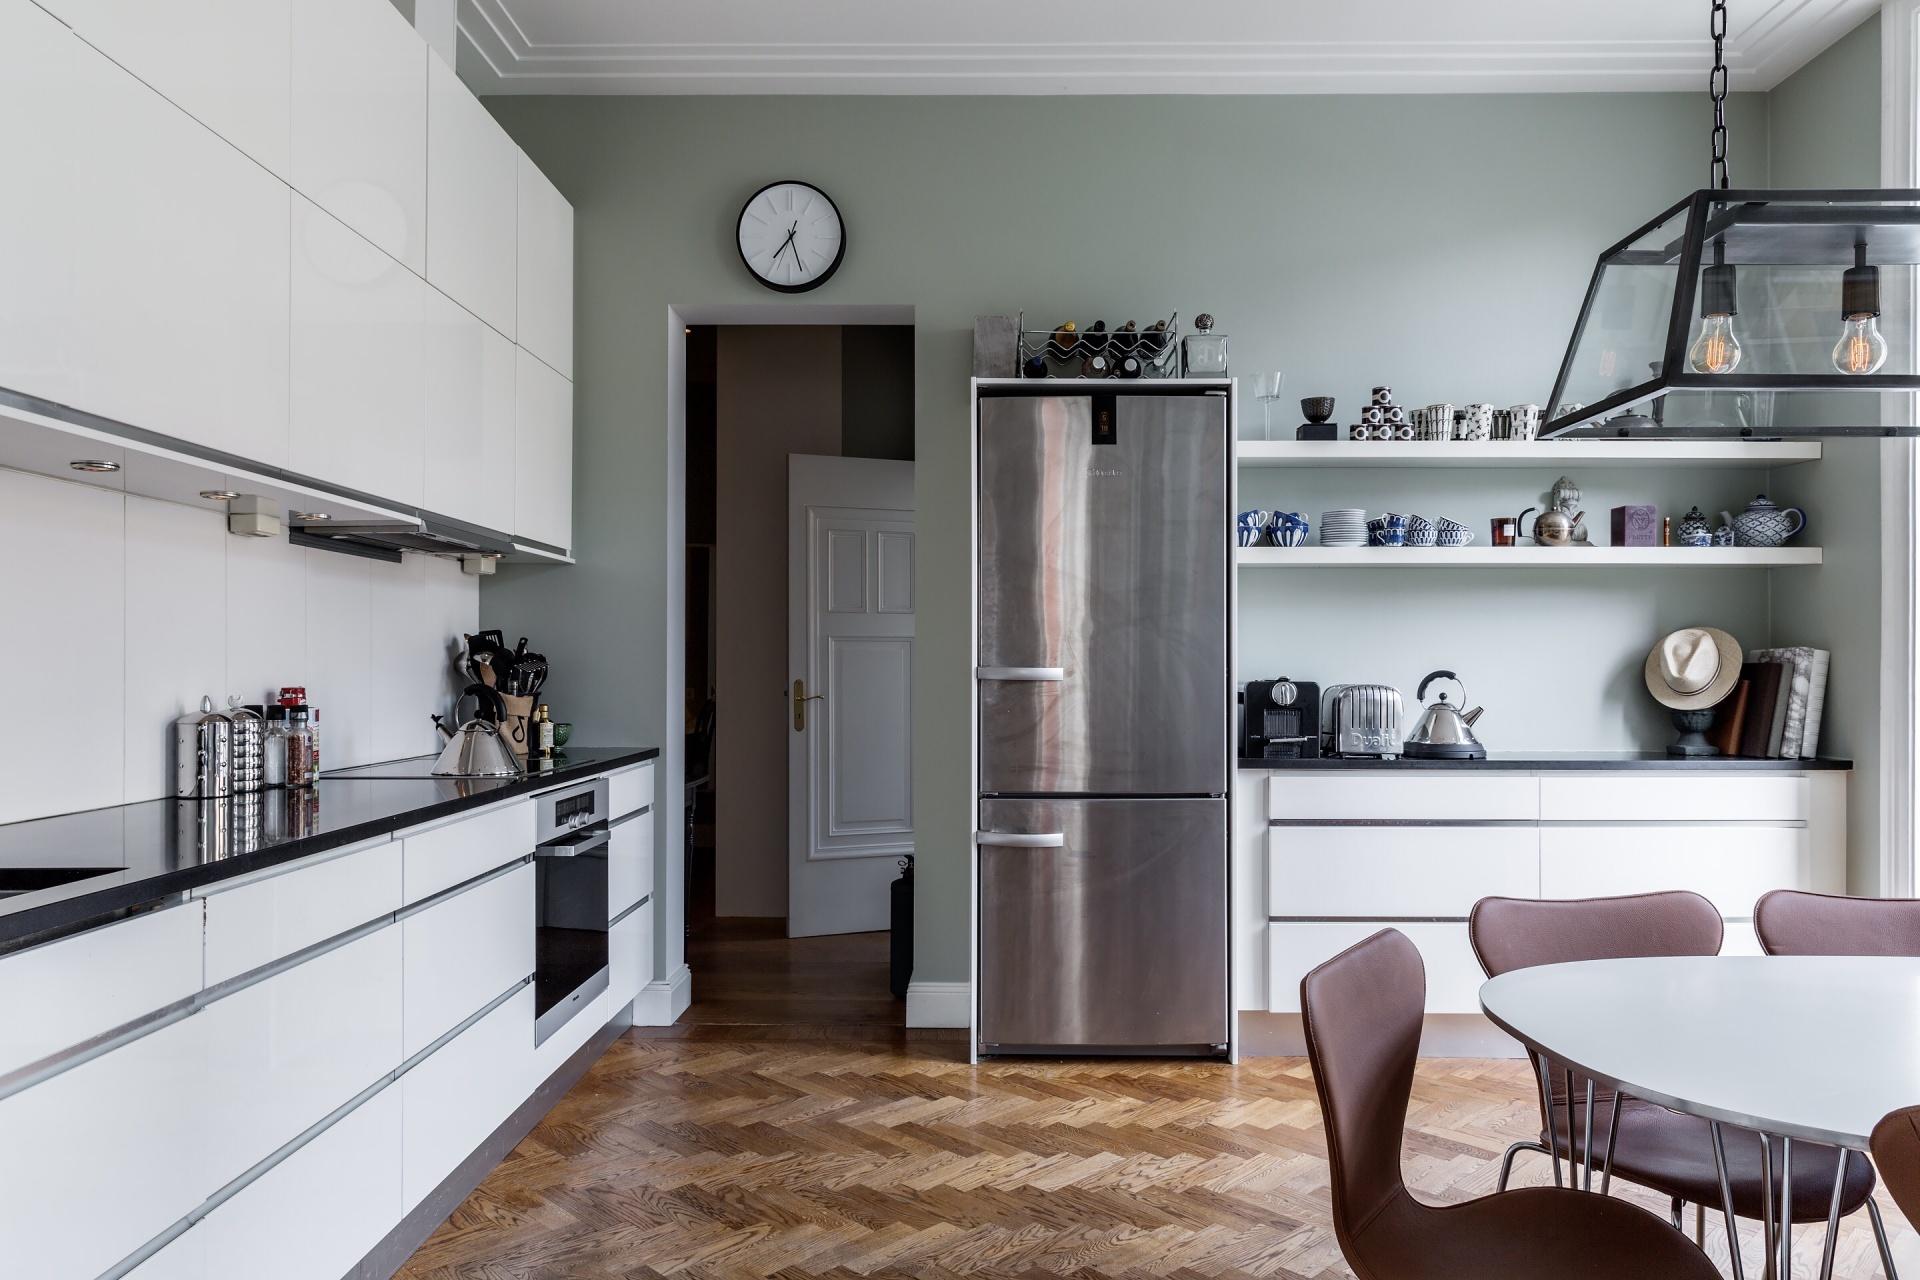 кухня холодильник кофеварка тостер чайник полки